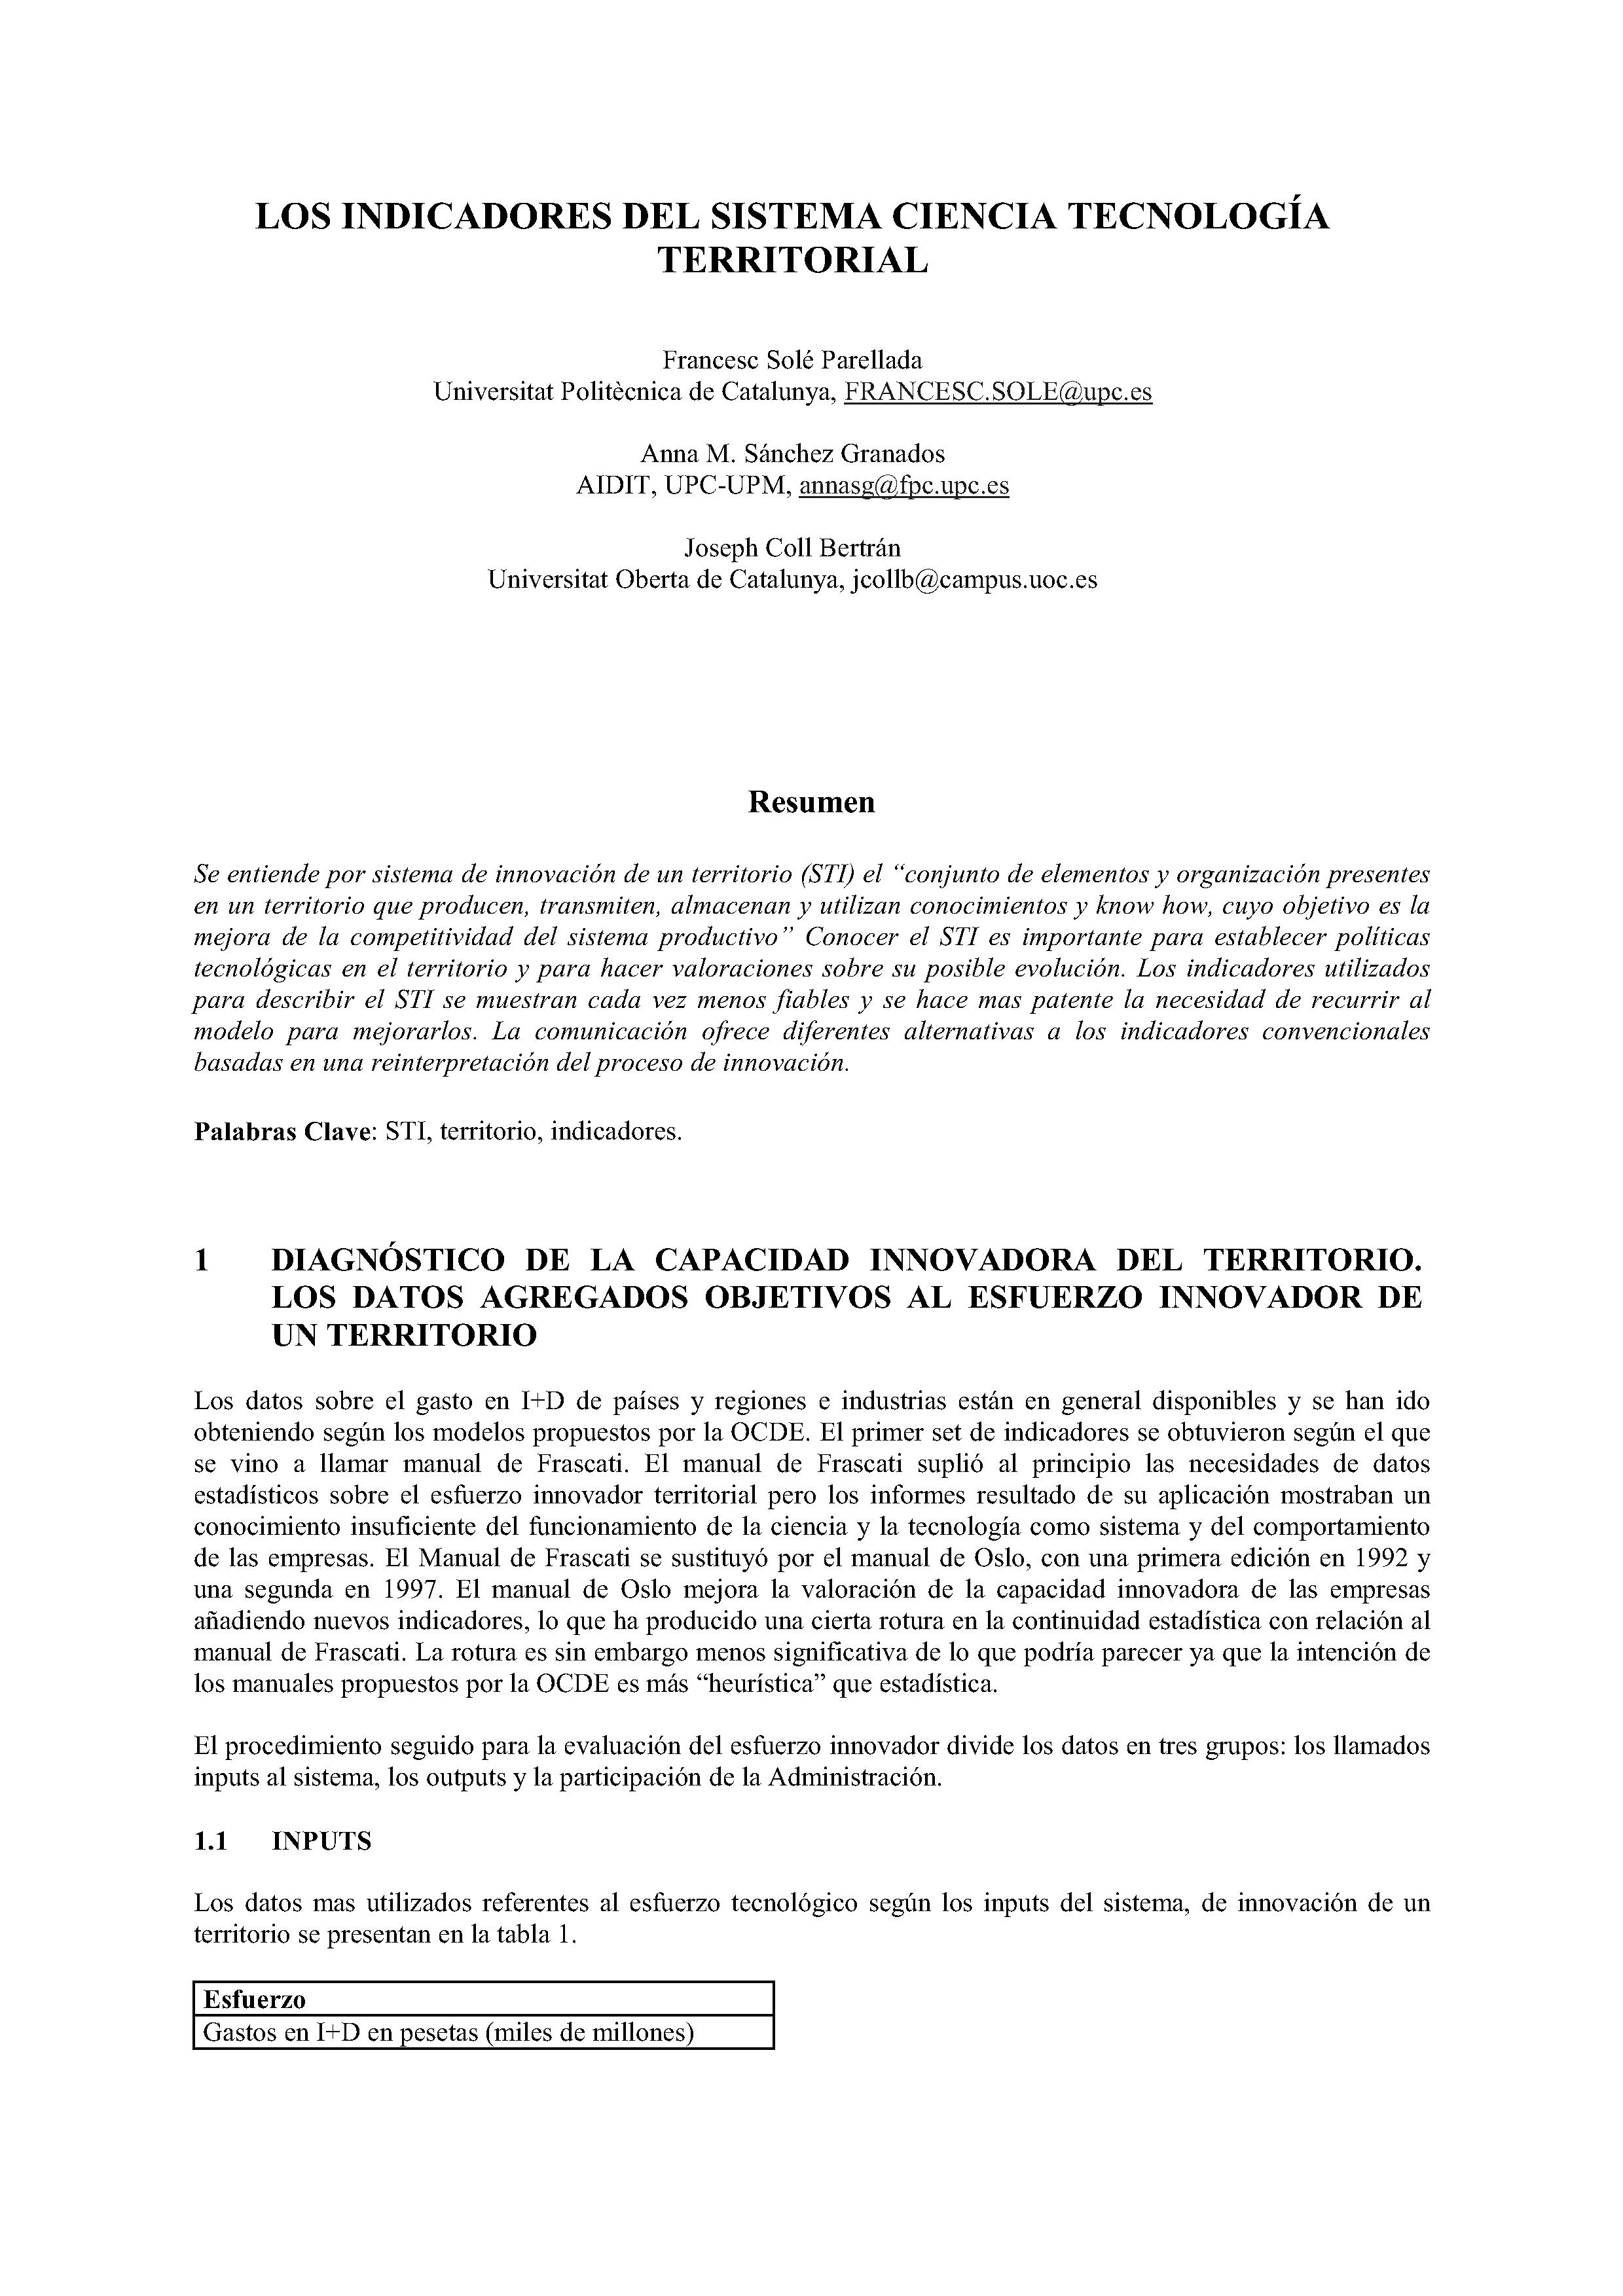 LOS INDICADORES DEL SISTEMA CIENCIA TECNOLOGÍA TERRITORIAL